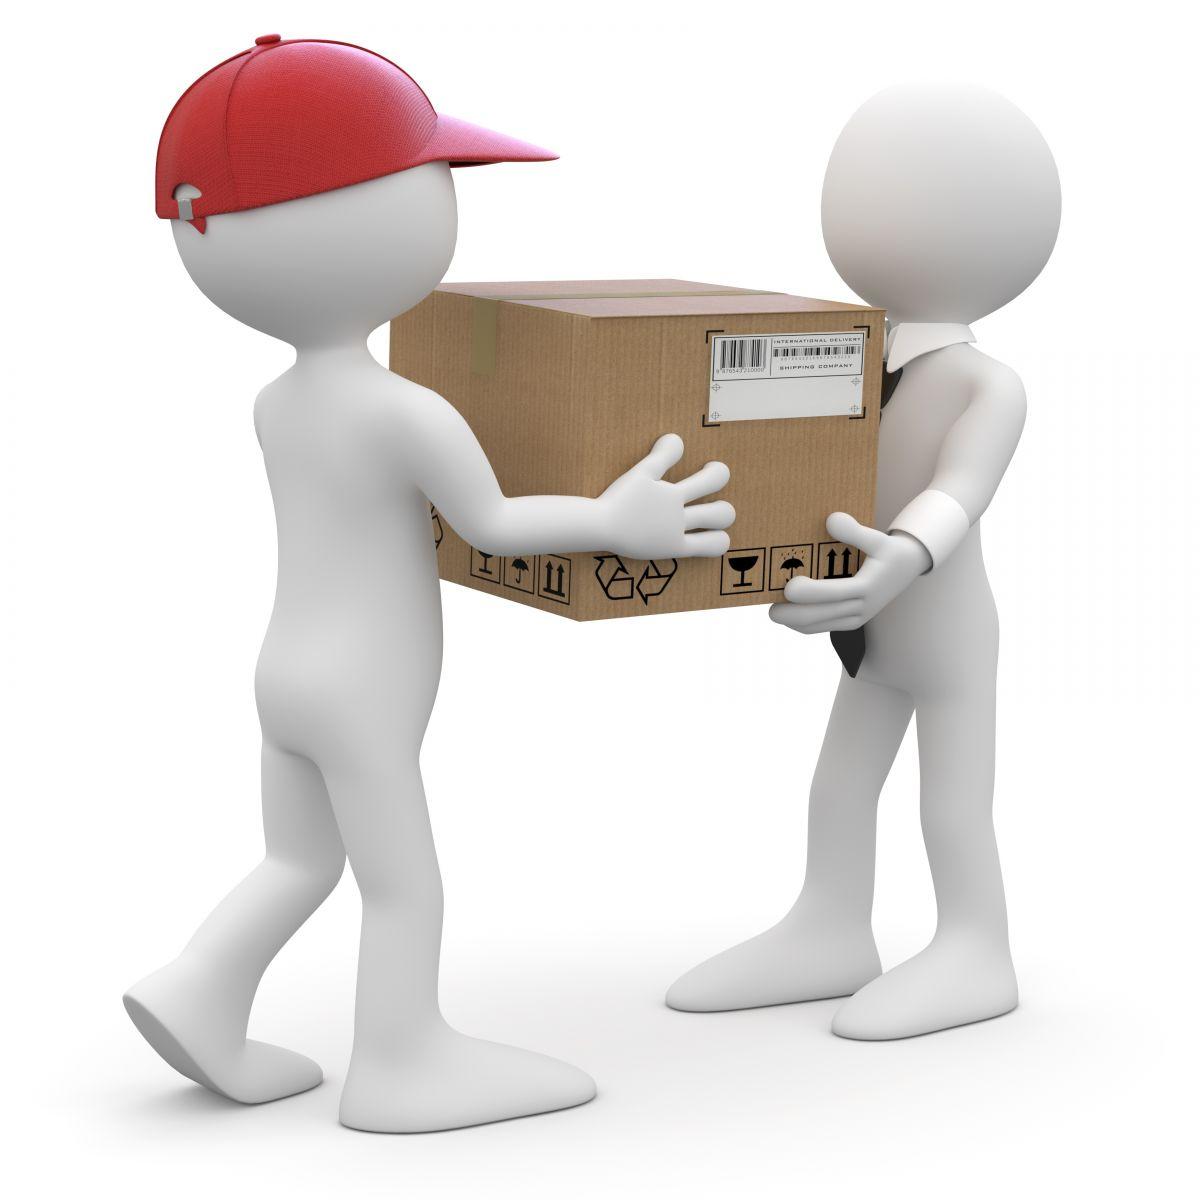 Dịch vụ vận chuyển hàng hóa Thiên Phú tốt nhất